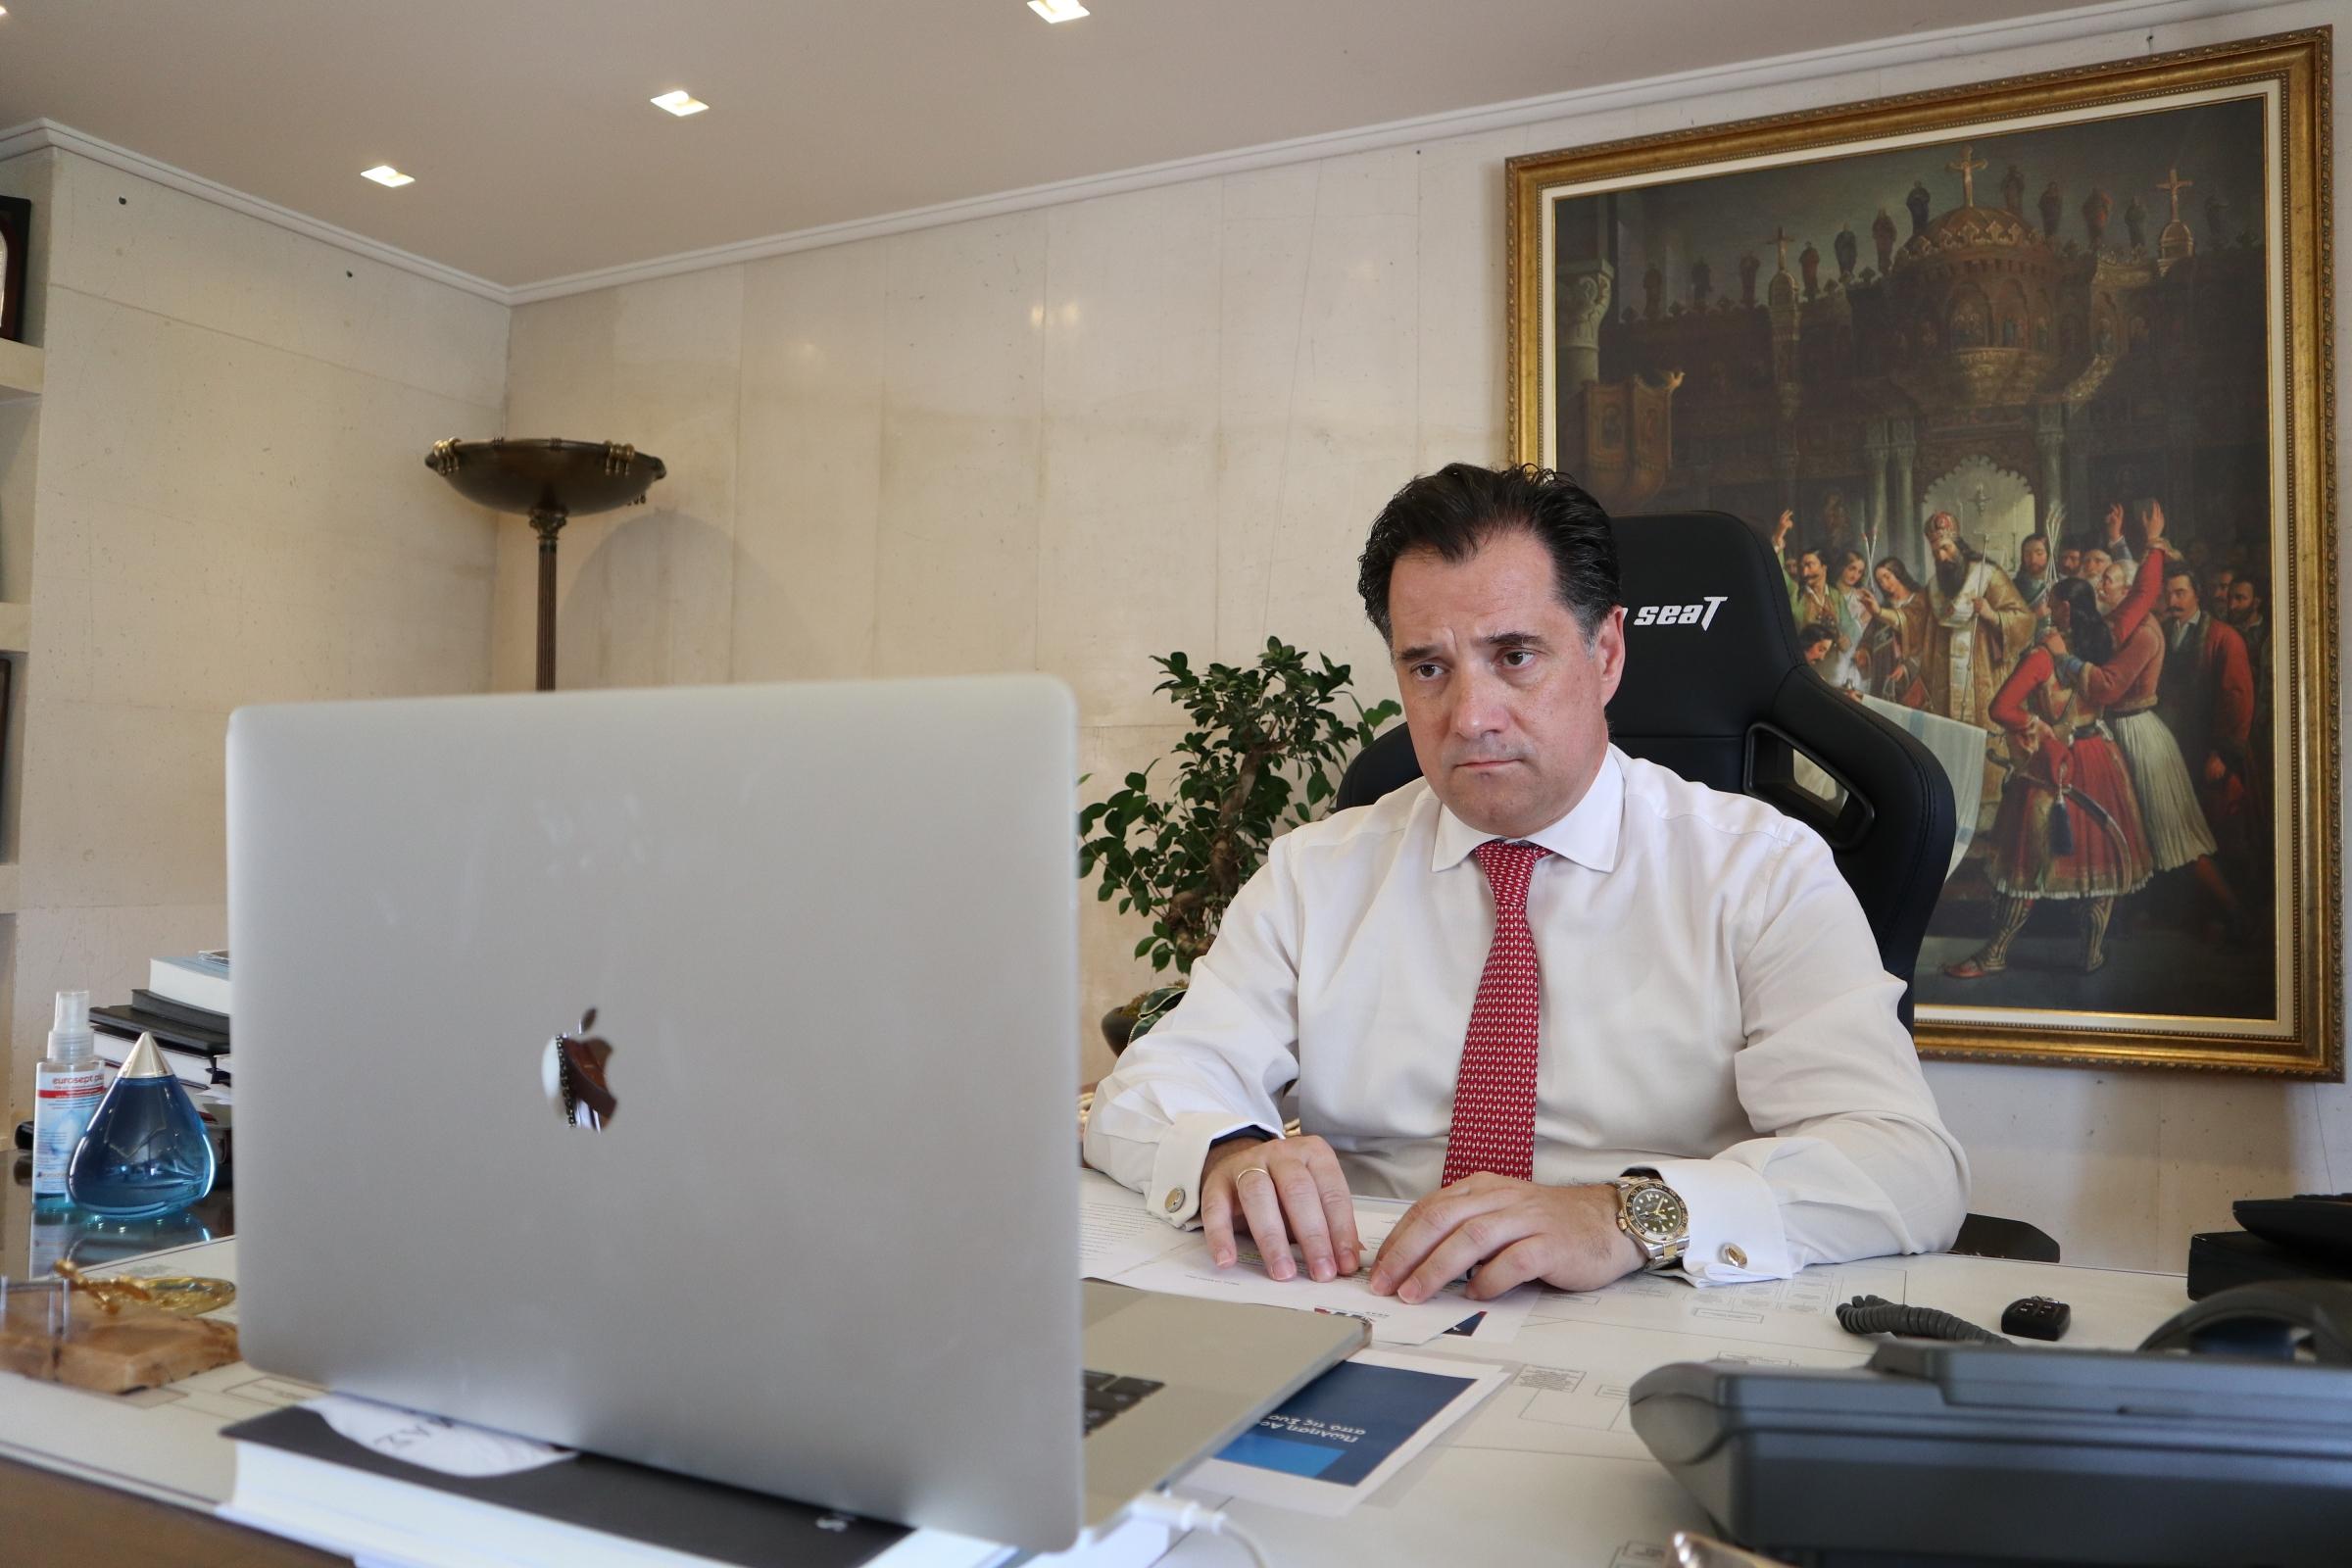 Γεωργιάδης για την επένδυση στο Ελληνικό: Η μεταβίβαση θα γίνει μέσα στις επόμενες μέρες